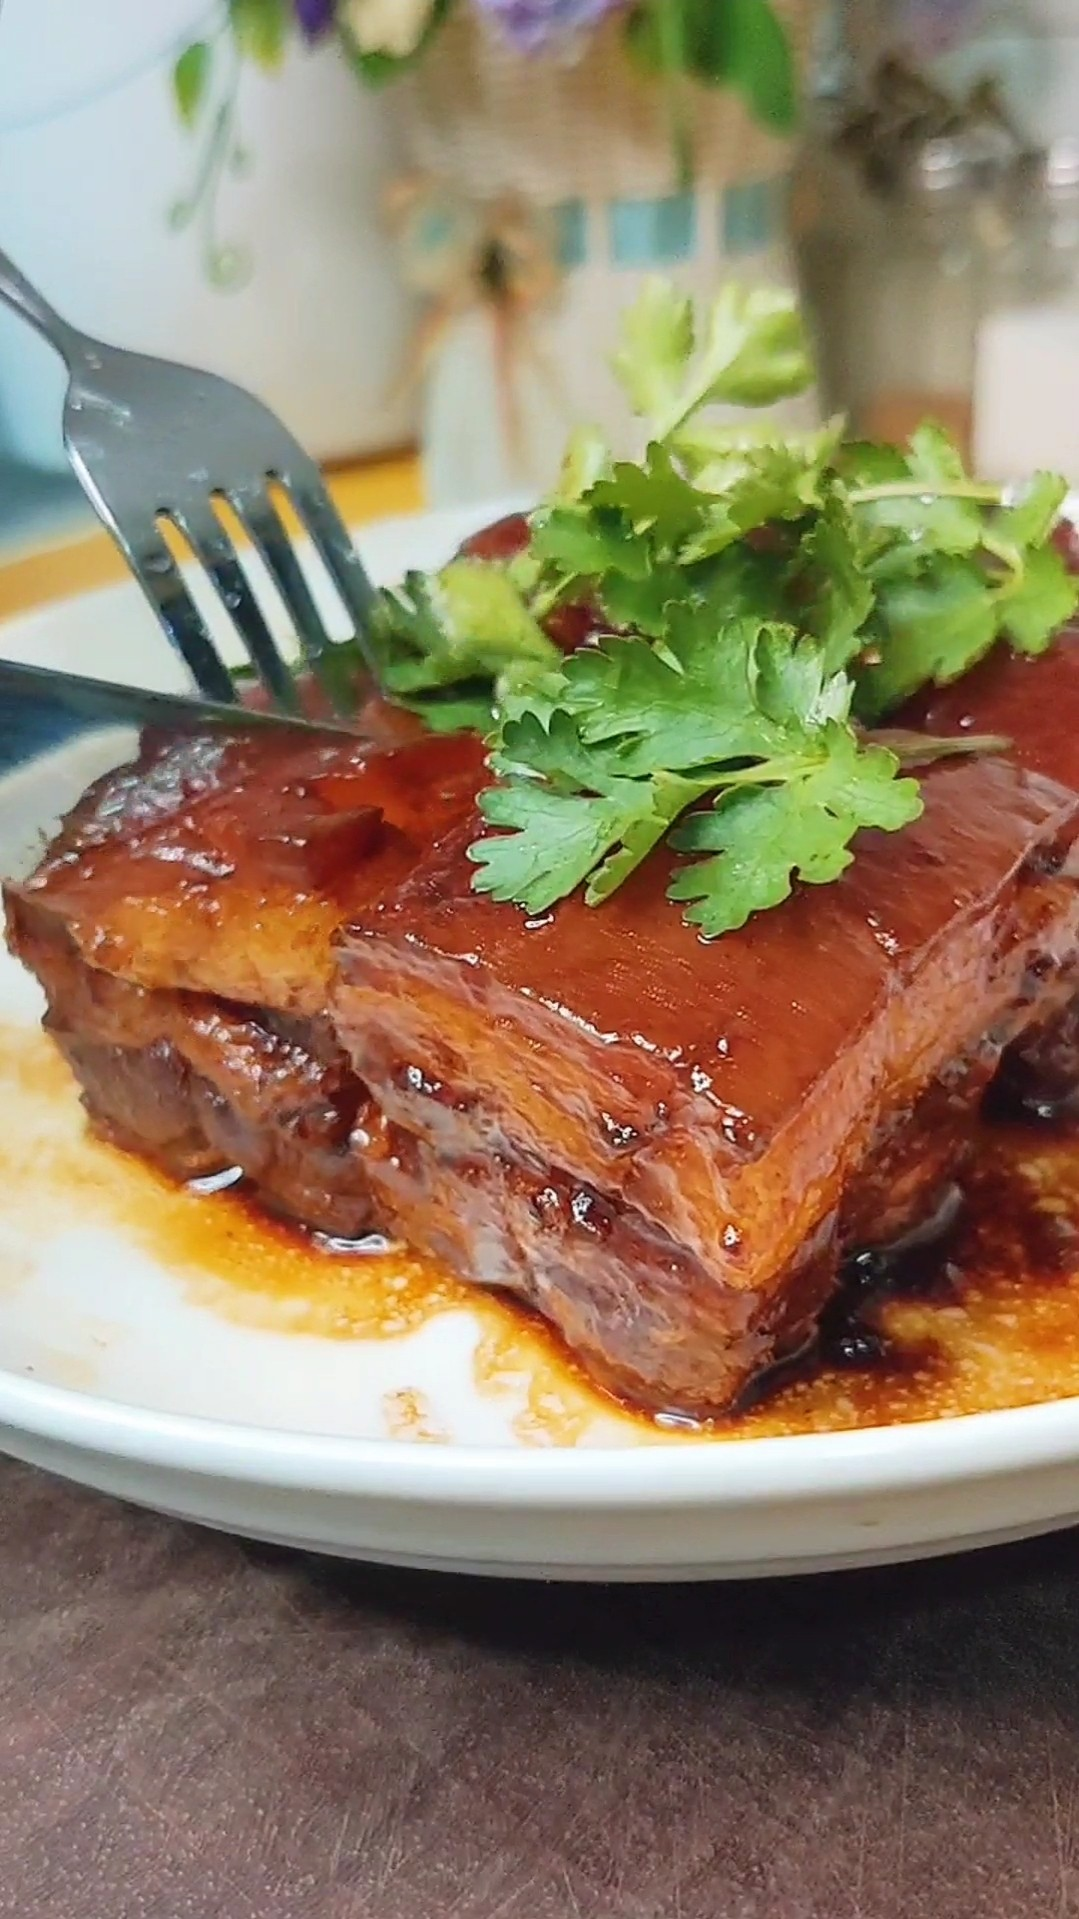 苏轼东坡肉成品图